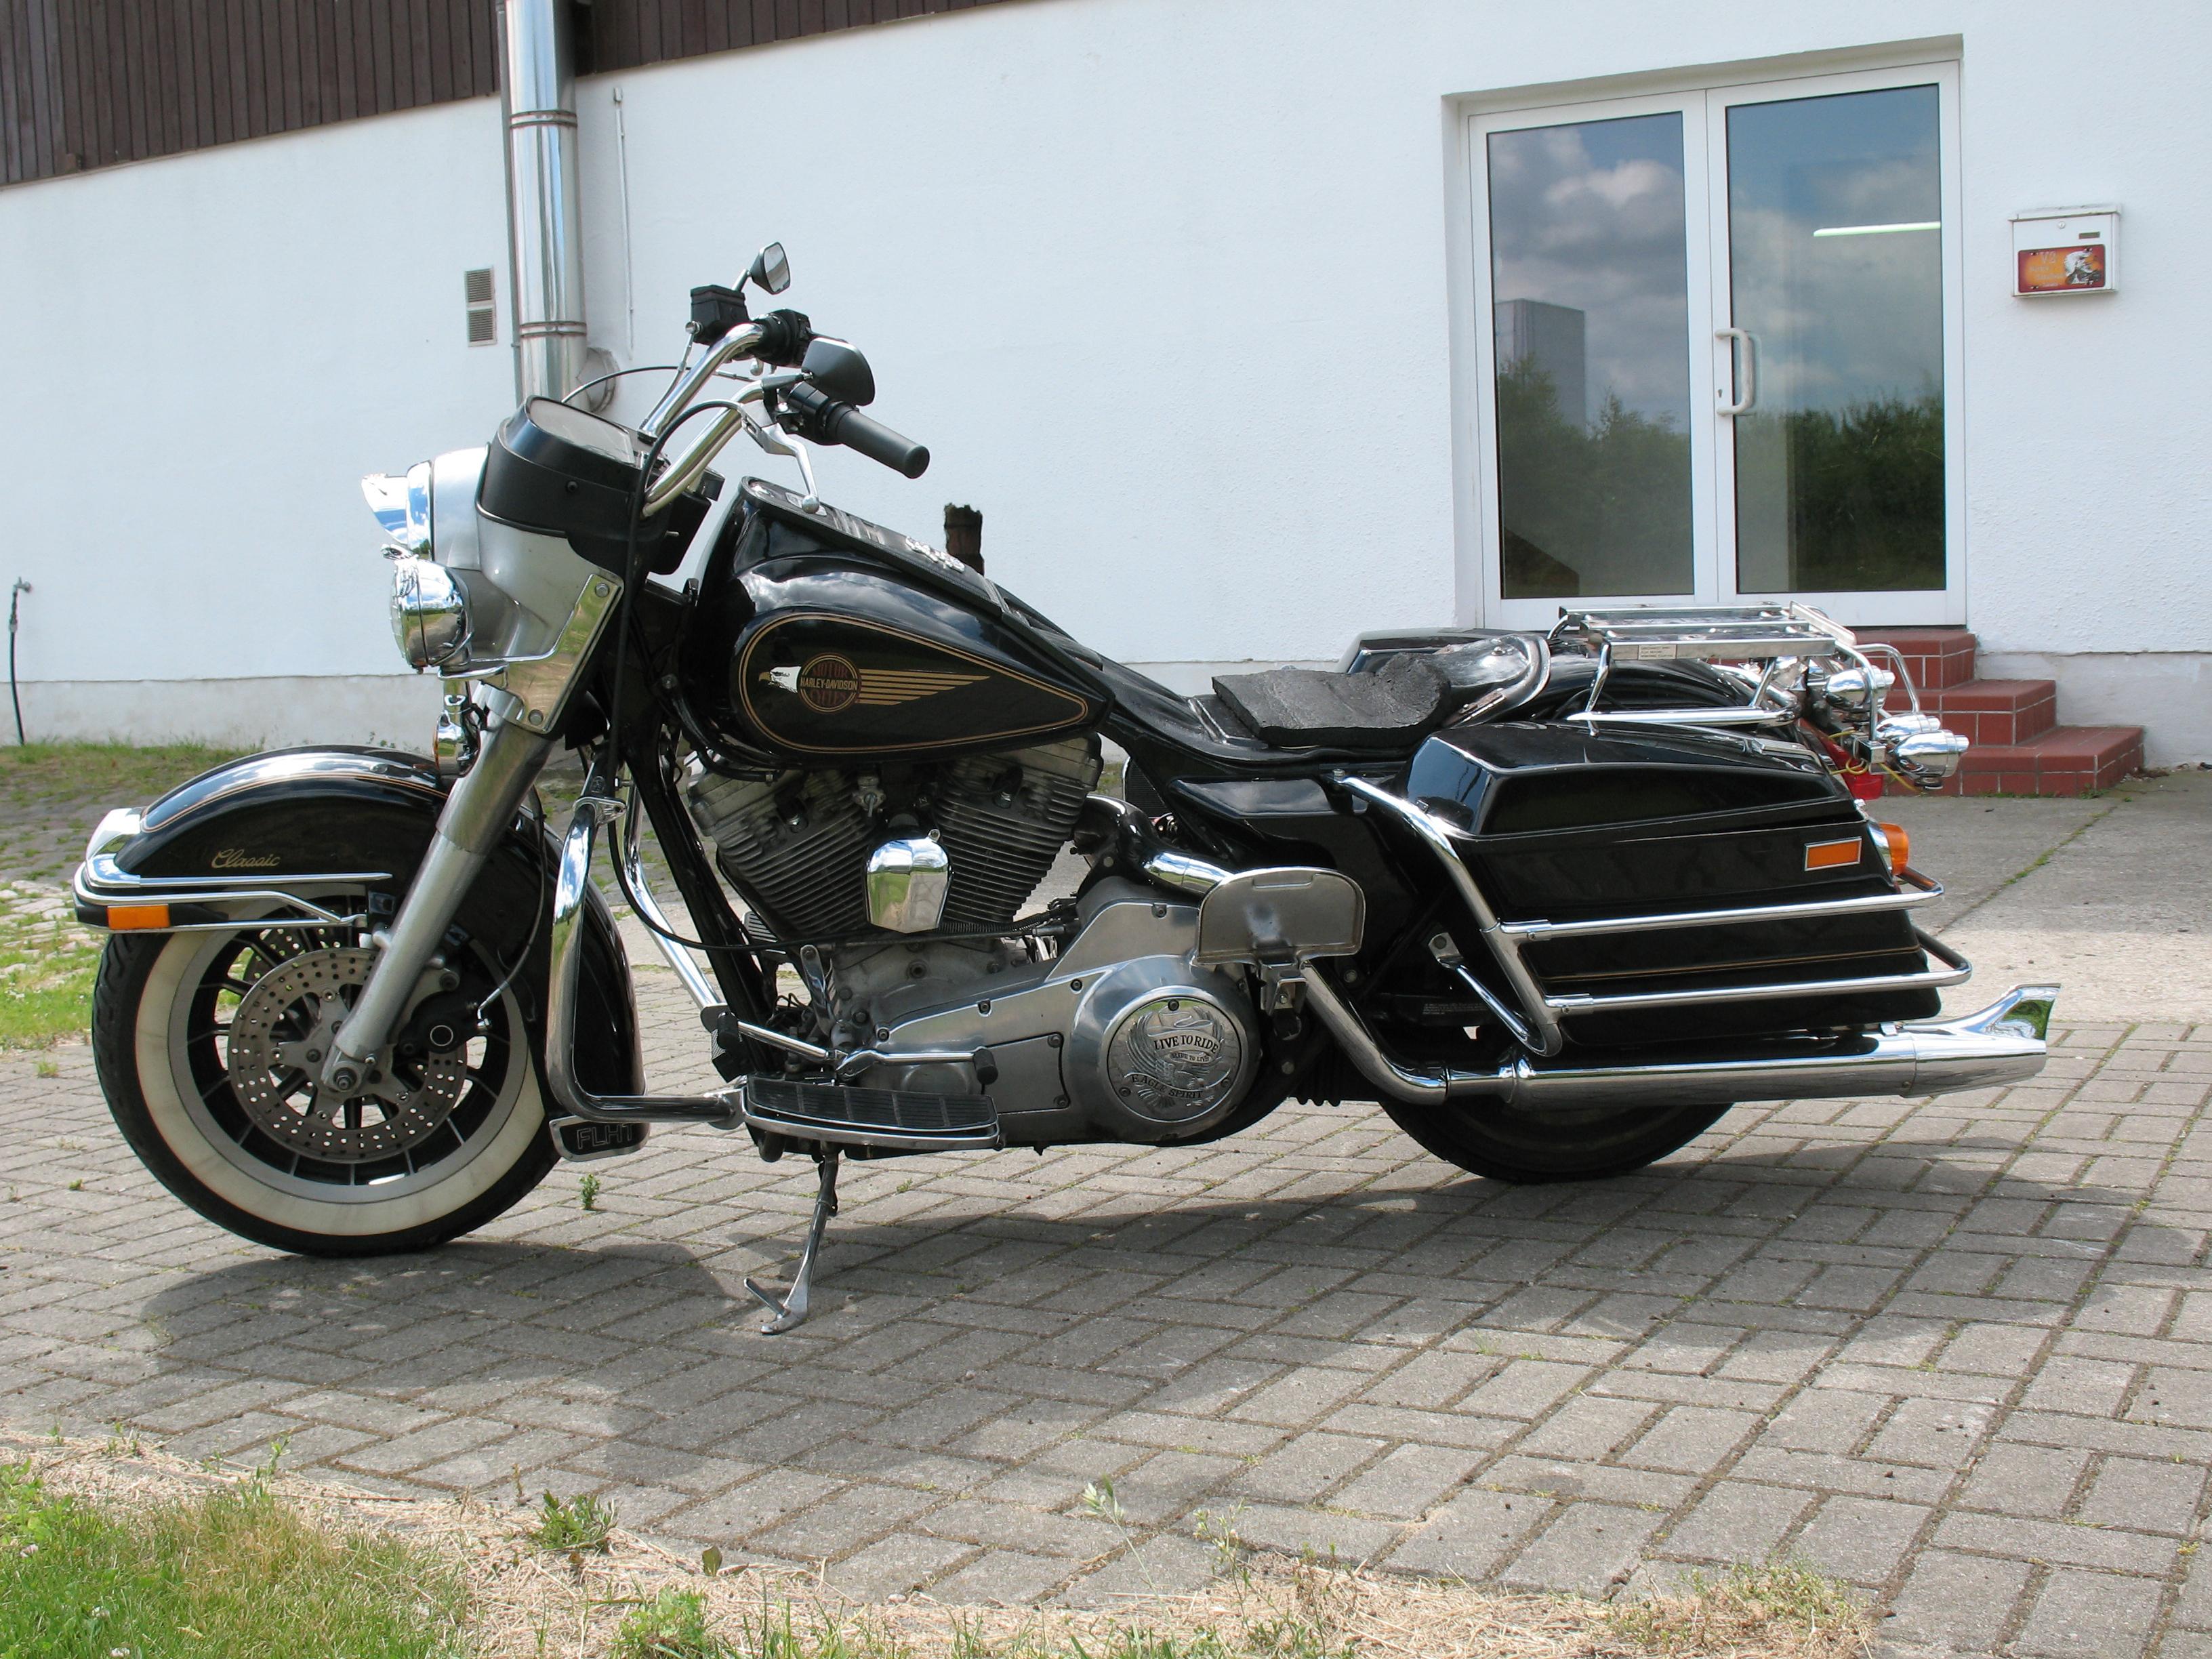 low budget custom v2 motorcycles blog harley davidson. Black Bedroom Furniture Sets. Home Design Ideas